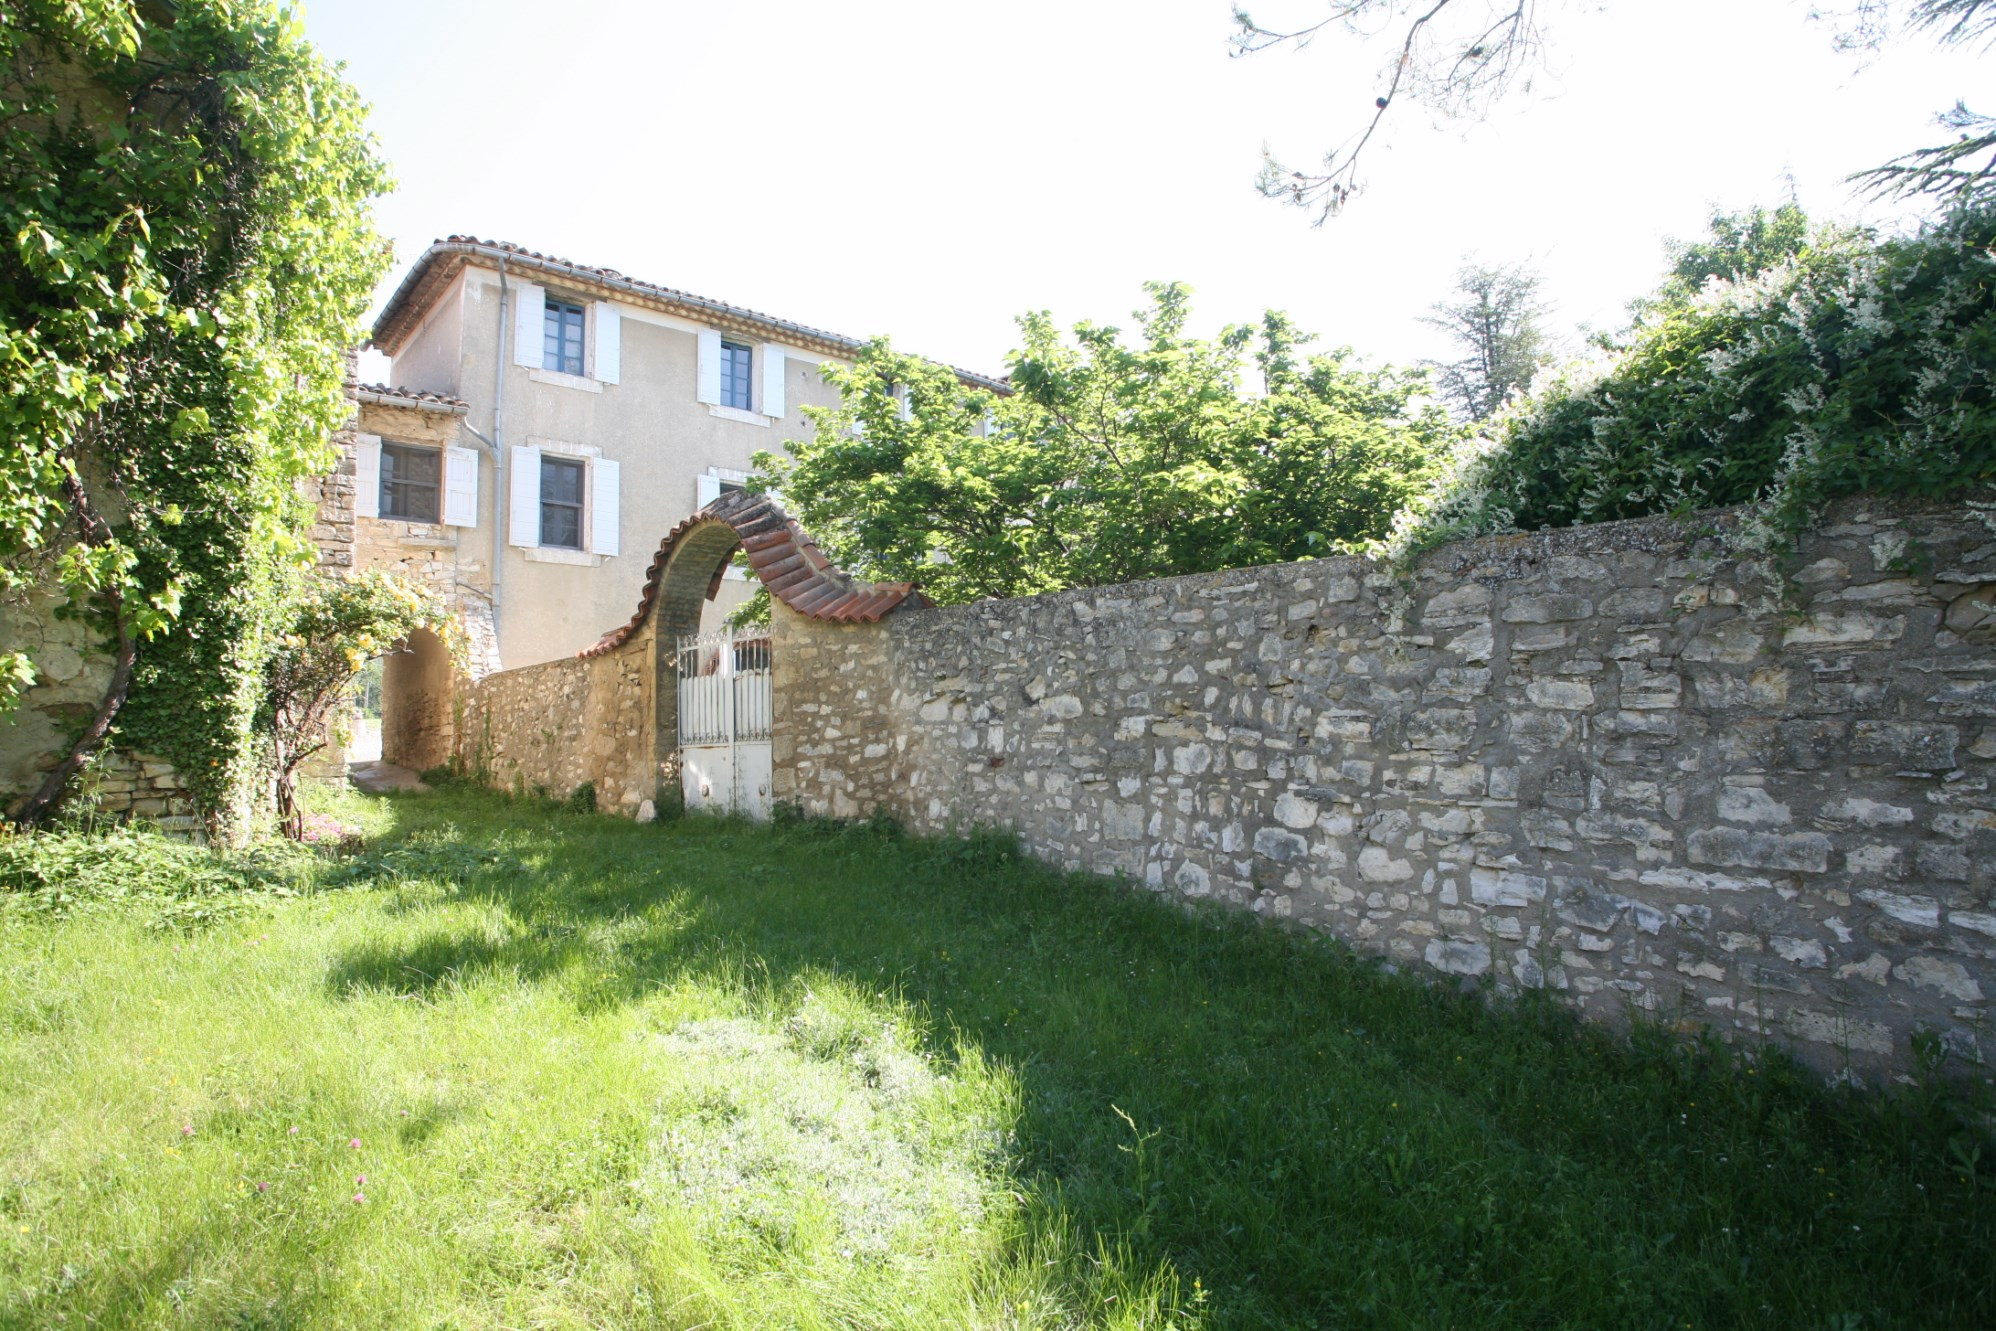 Maison à rénover à vendre dans le Luberon